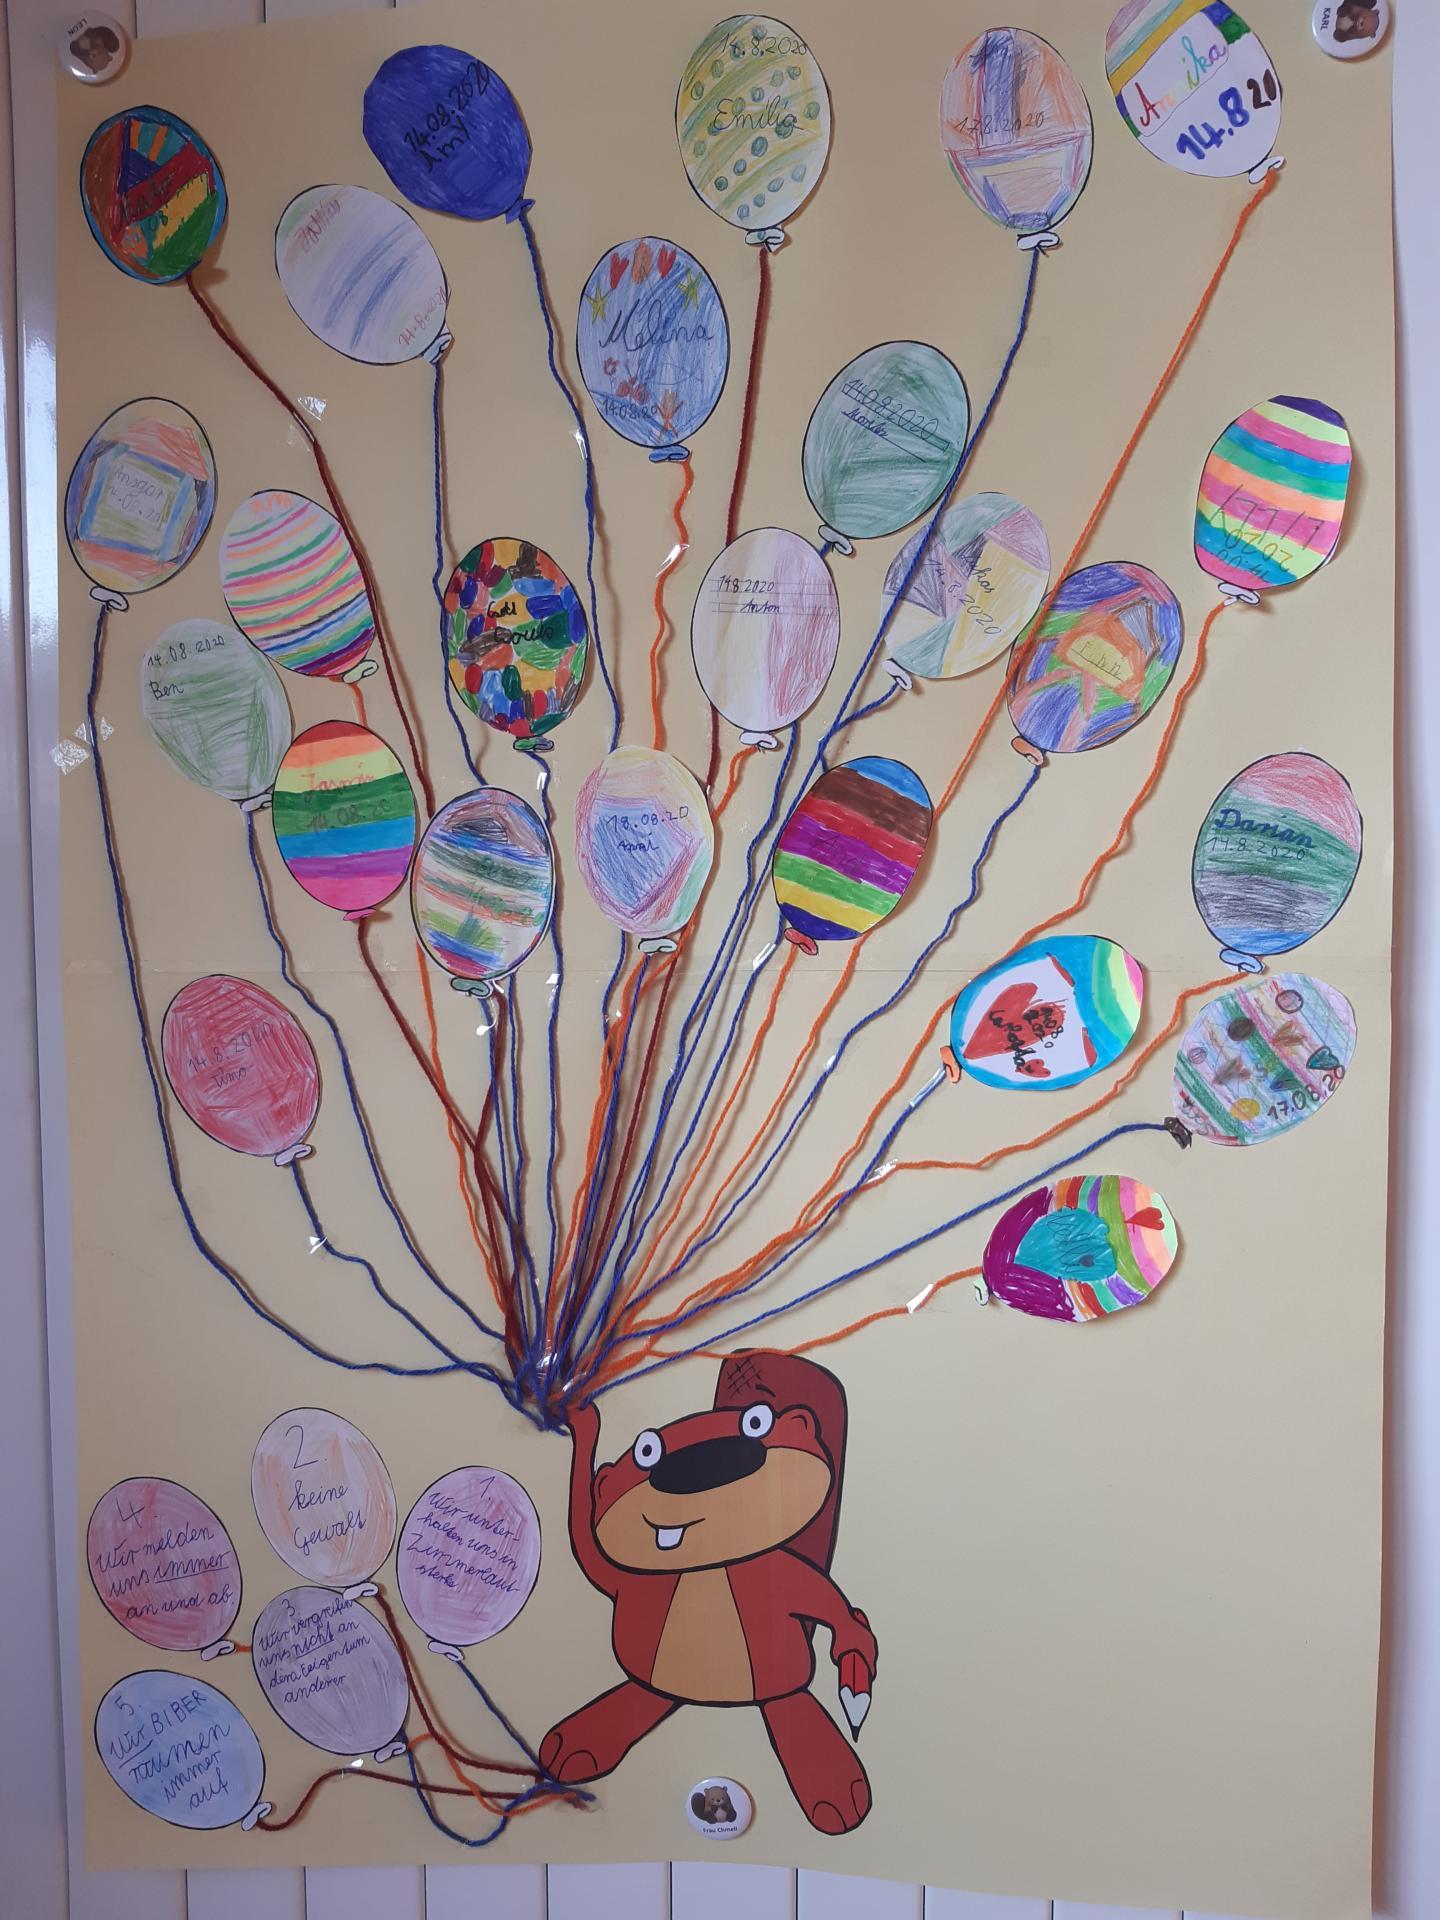 Biberregeln Ballons